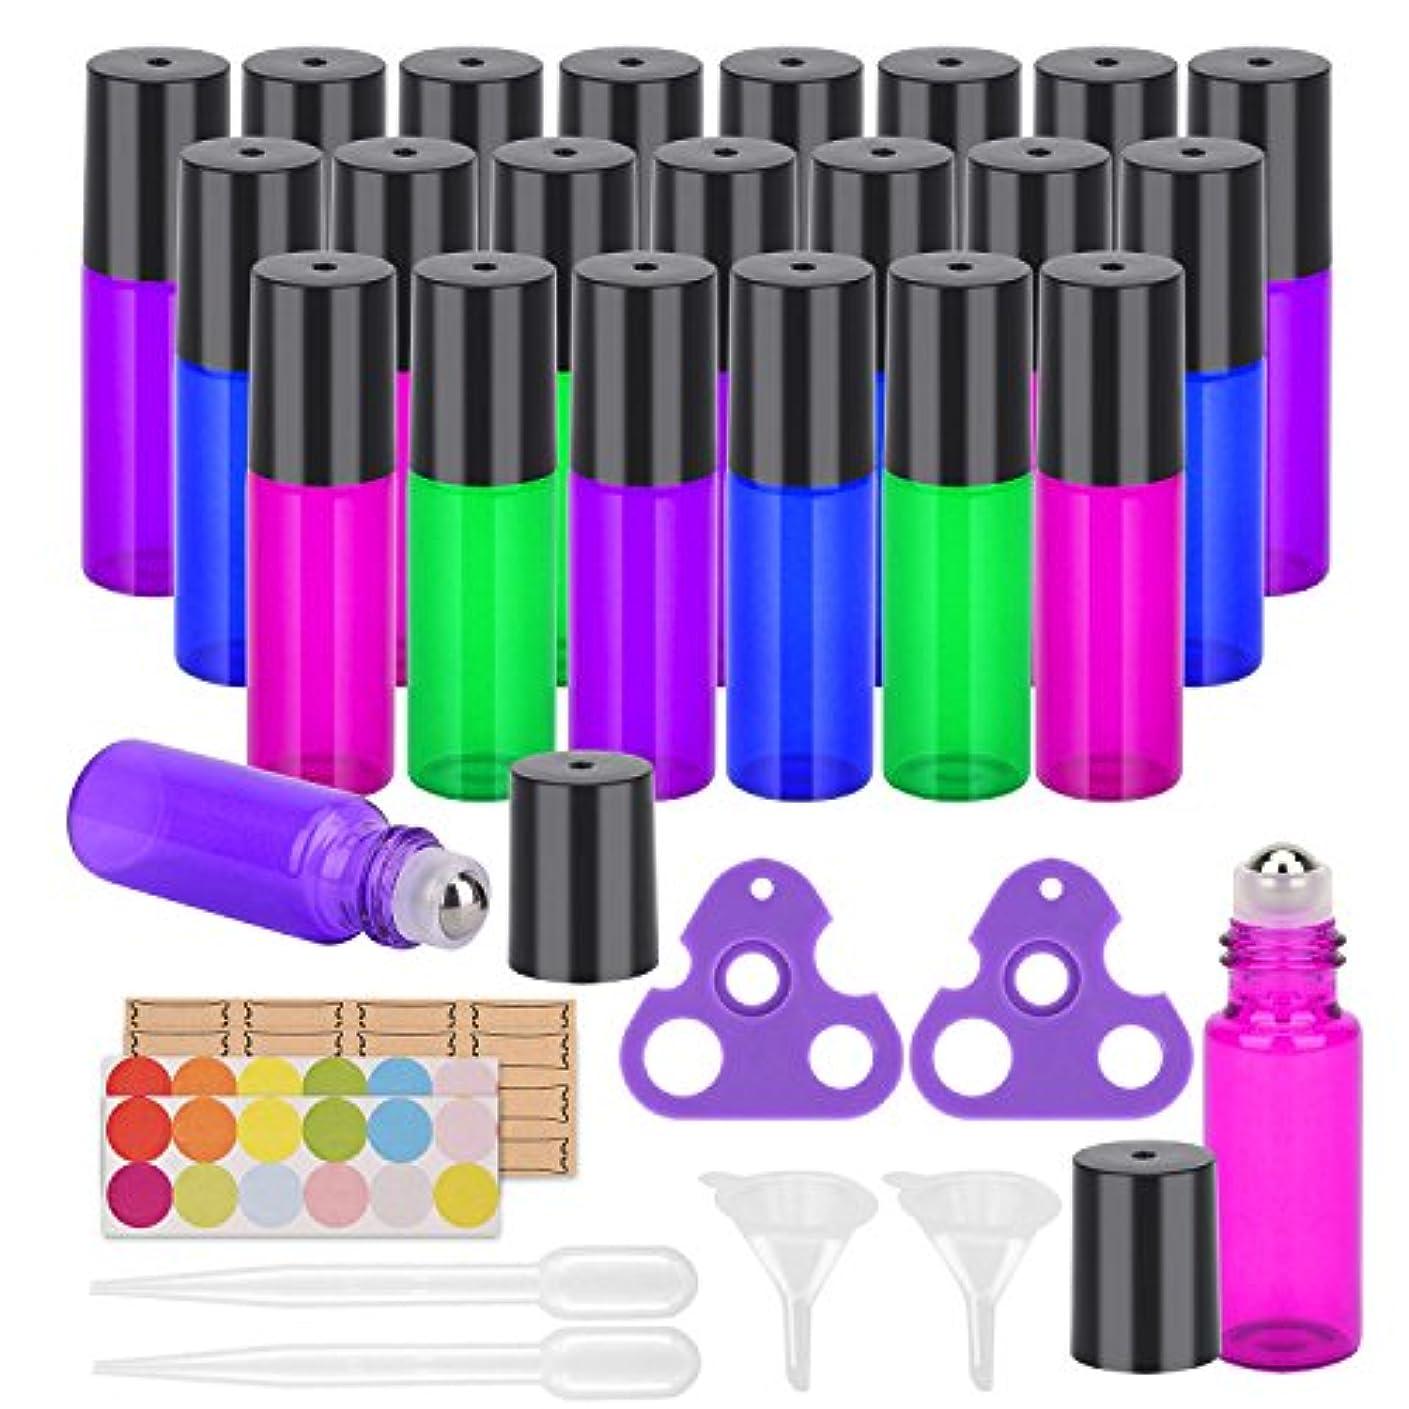 同等の磨かれたポーチEasytle エッセンシャルオイル 用 ローラーボールによって精油ローラーボトル ボトル 上に転がります 24パック マルチカラー混色虹色カラー仕分け